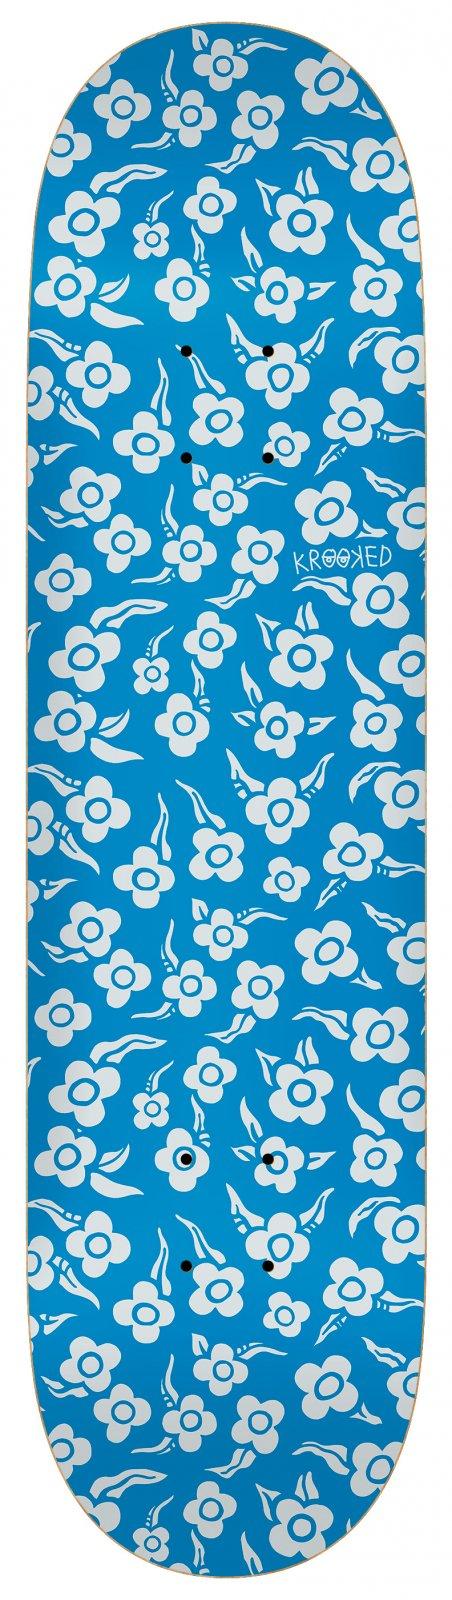 Krooked Flowers 8.25 x 32 Skateboard Deck